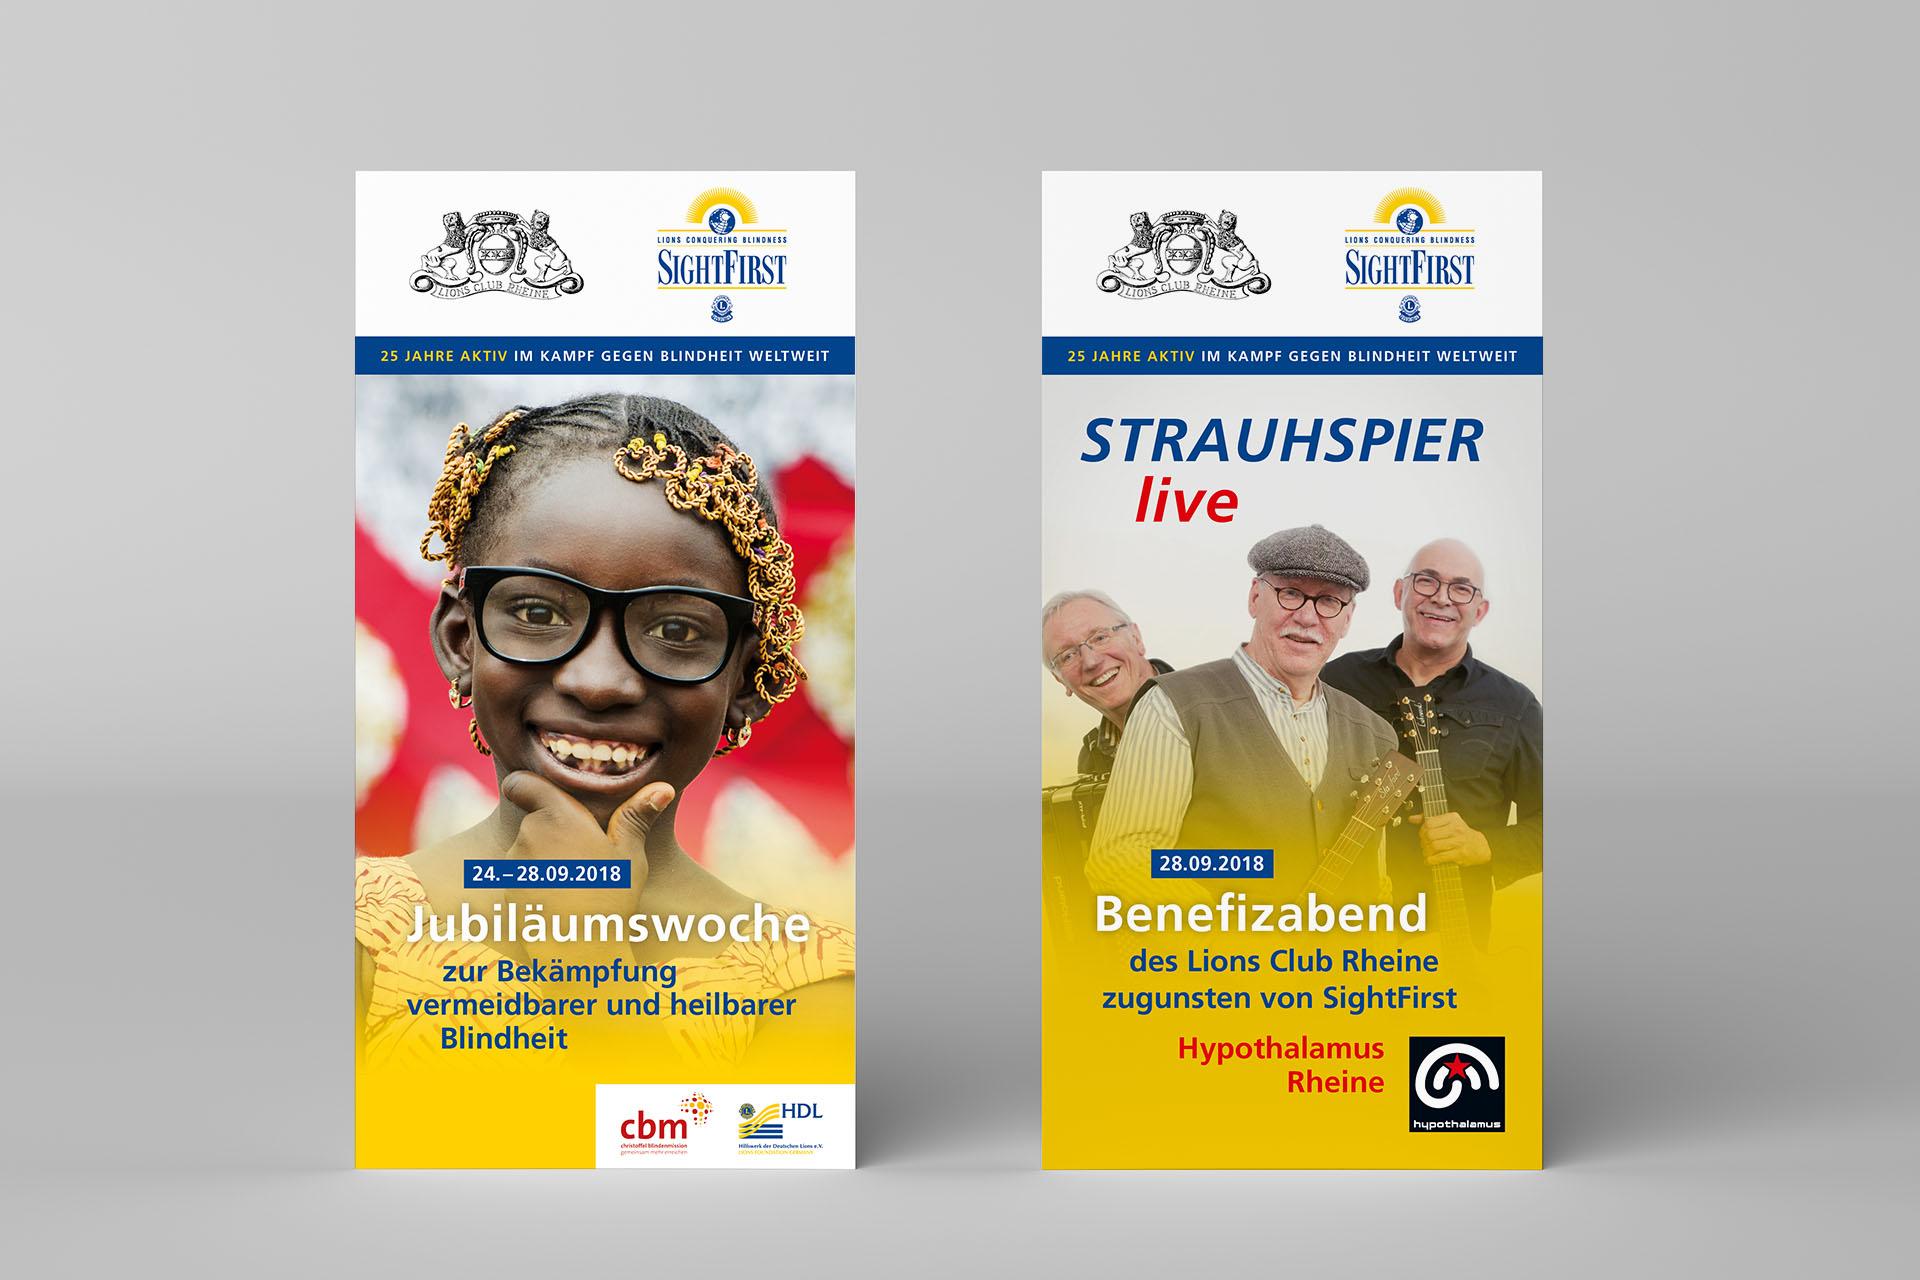 lions jubilaeumswoche 04 - Lions Club Rheine: 100 Prozent Aufmerksamkeit für 75 Prozent vermeidbare Blindheit –